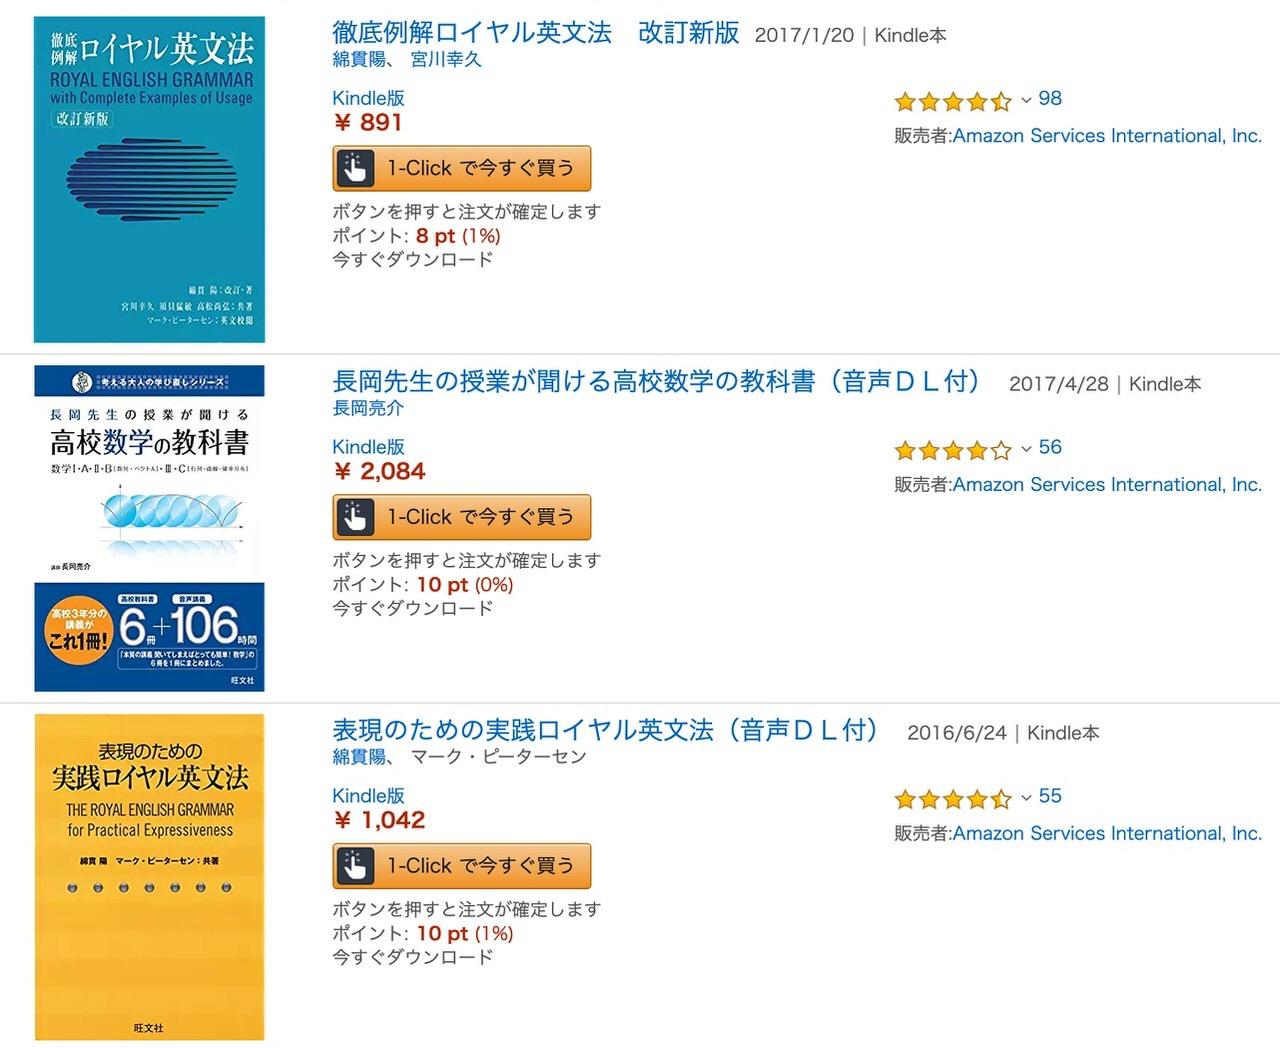 【Kindleセール】200冊以上が対象「定番英語本から学習マンガまで!春の学習本フェア」開催中(4/18まで)